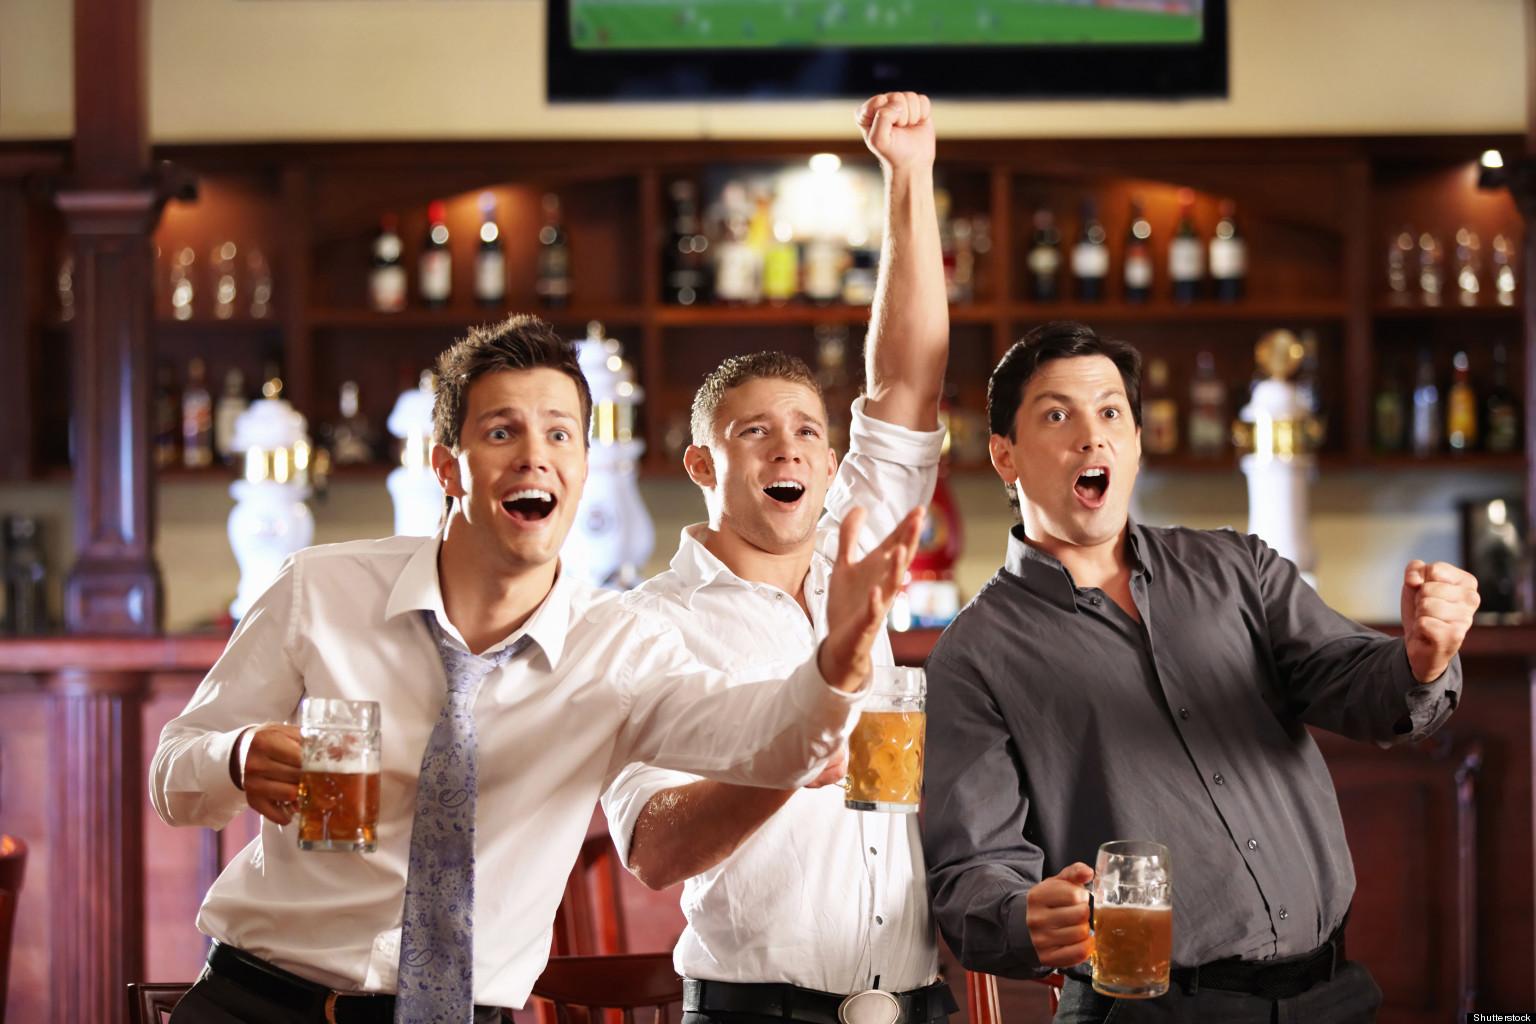 The Top 10 Biggest Bar Bills Ever